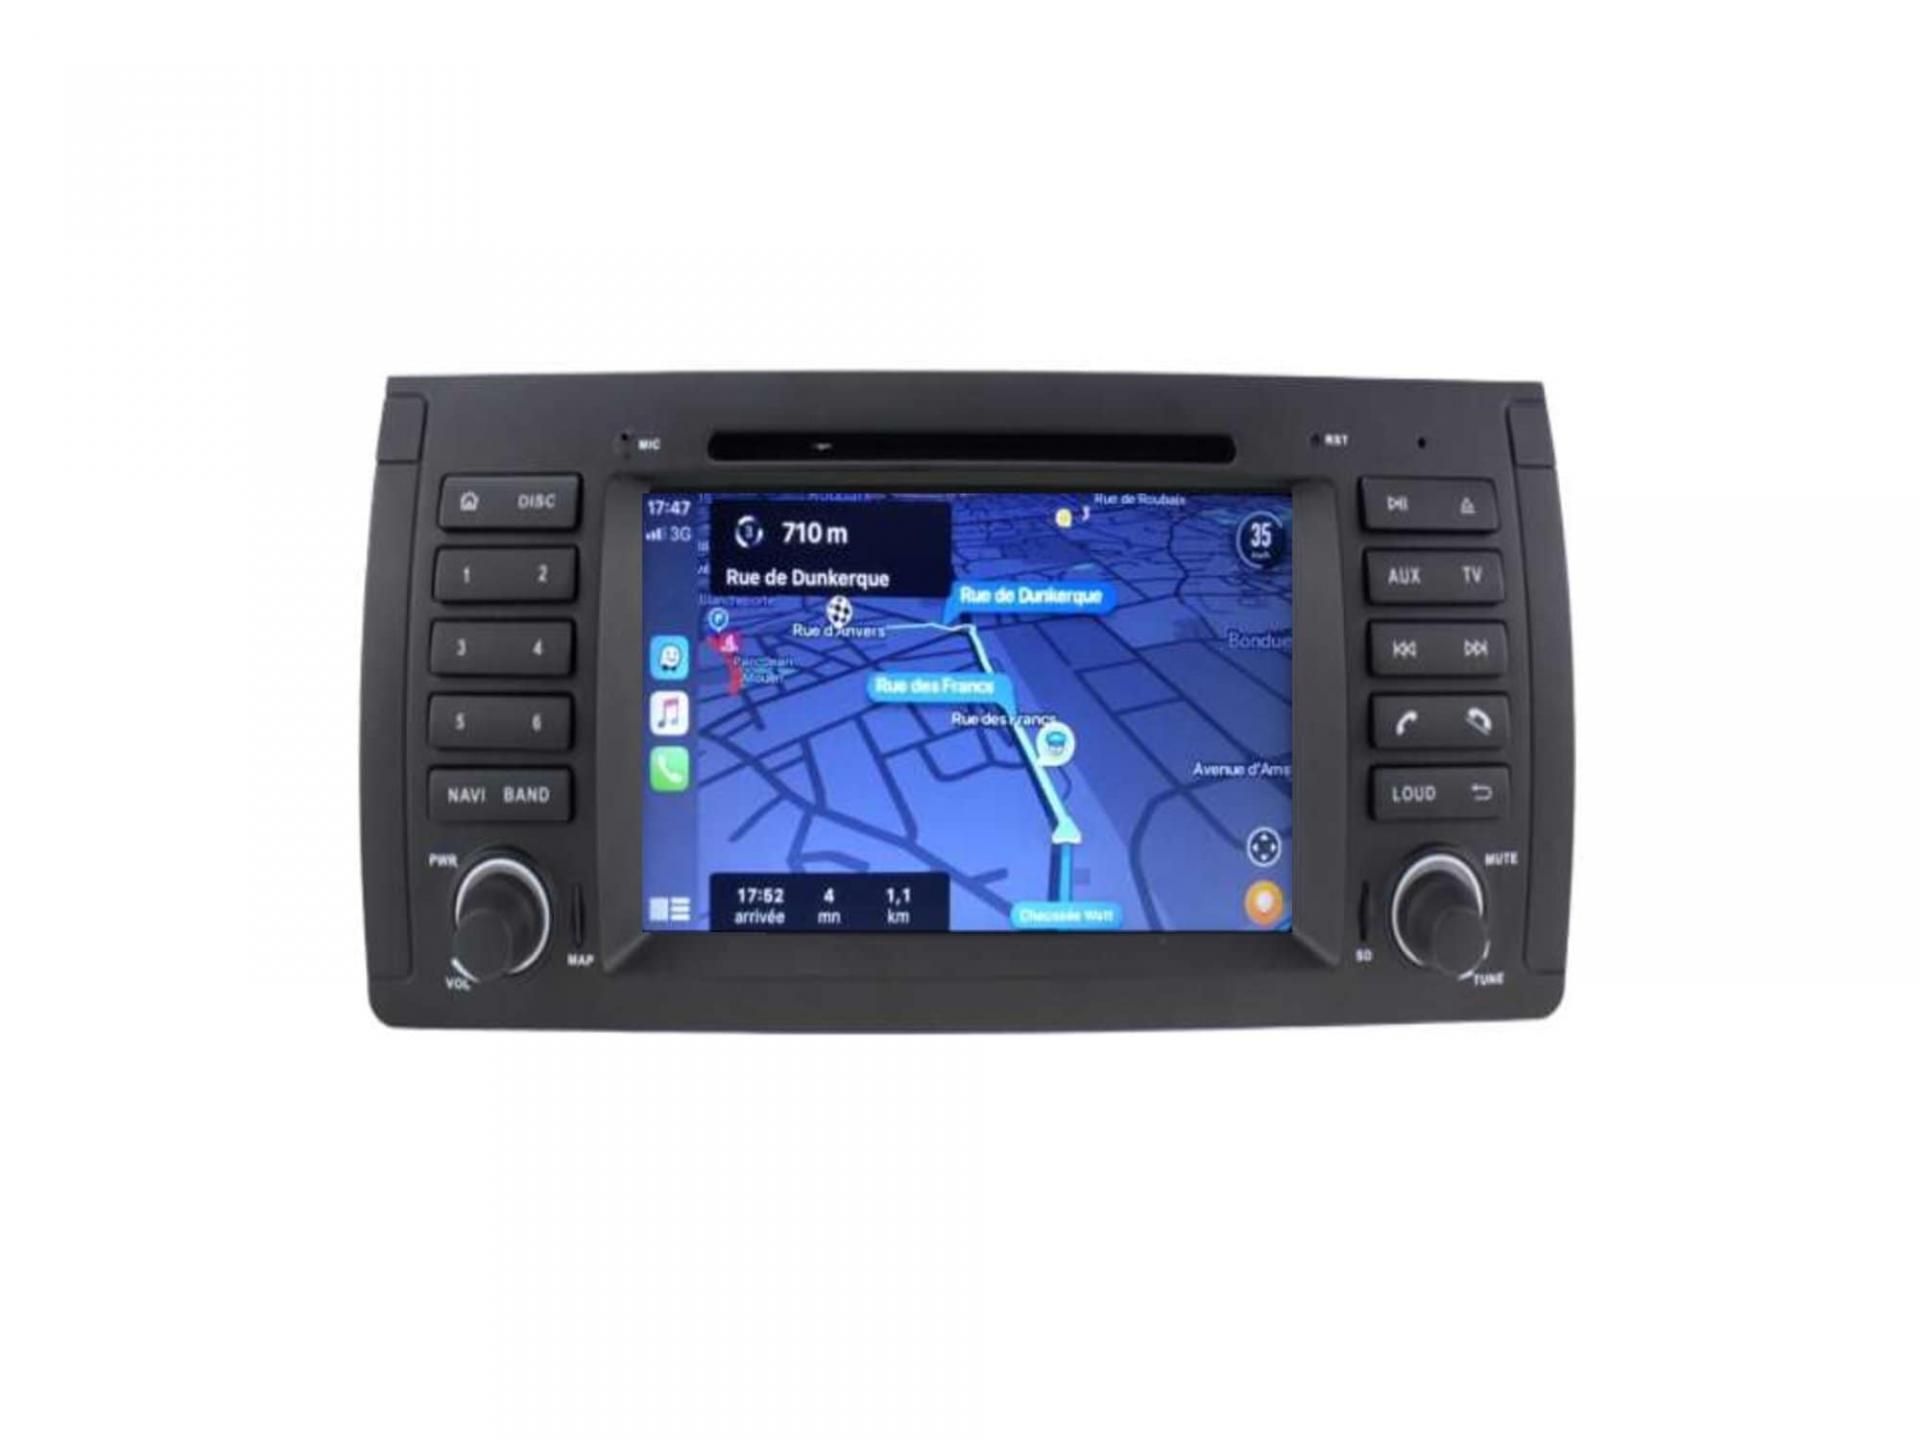 Autoradio gps carplay android auto bluetooth bmw serie 5 e39 m5 x5 e53 serie 7 e38 4